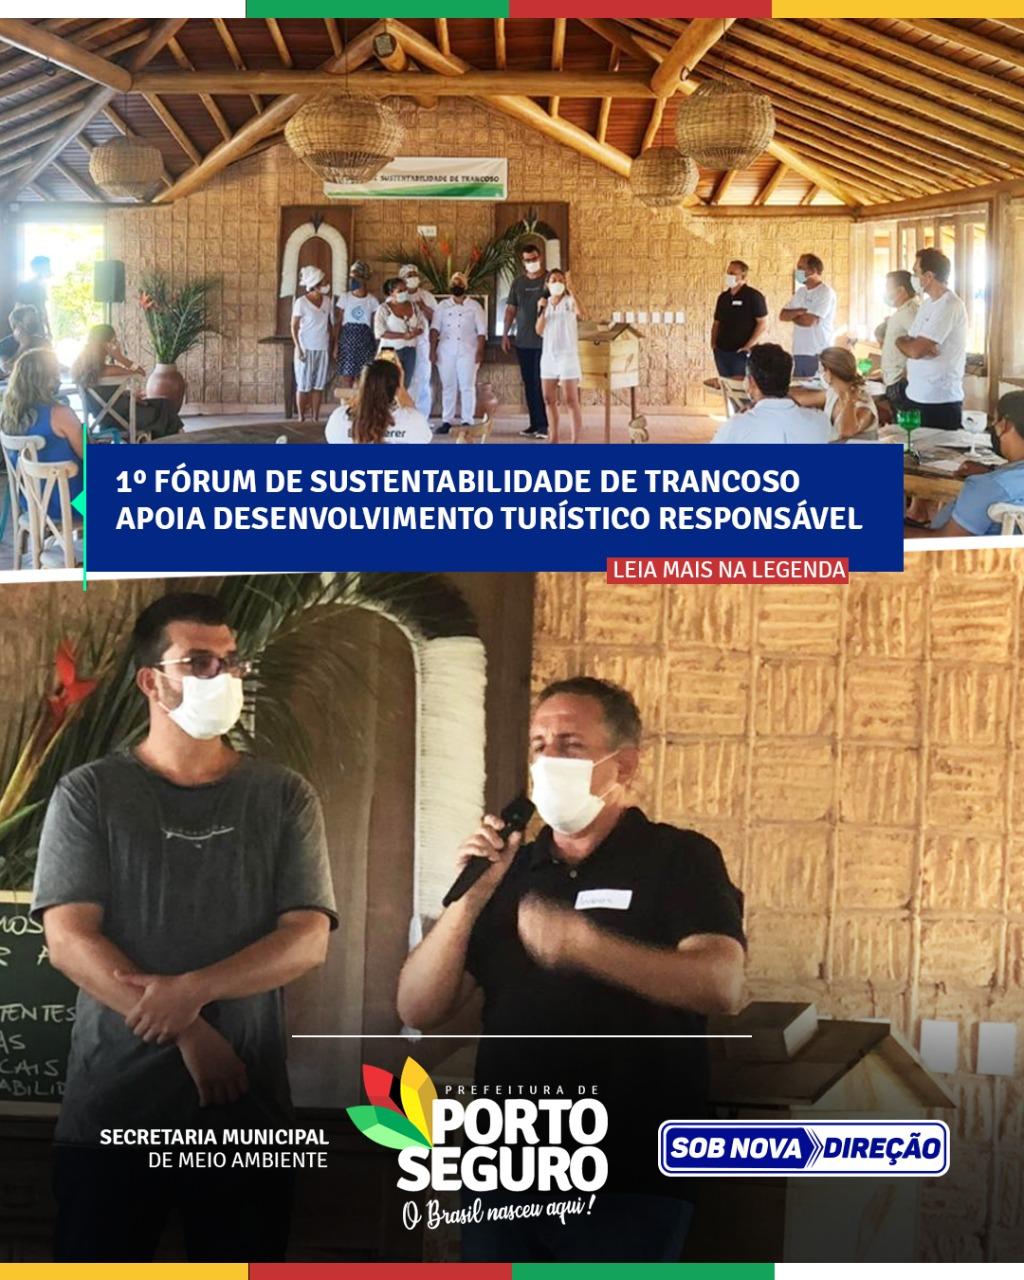 1º Fórum de Sustentabilidade de Trancoso apoia desenvolvimento turístico responsável 18